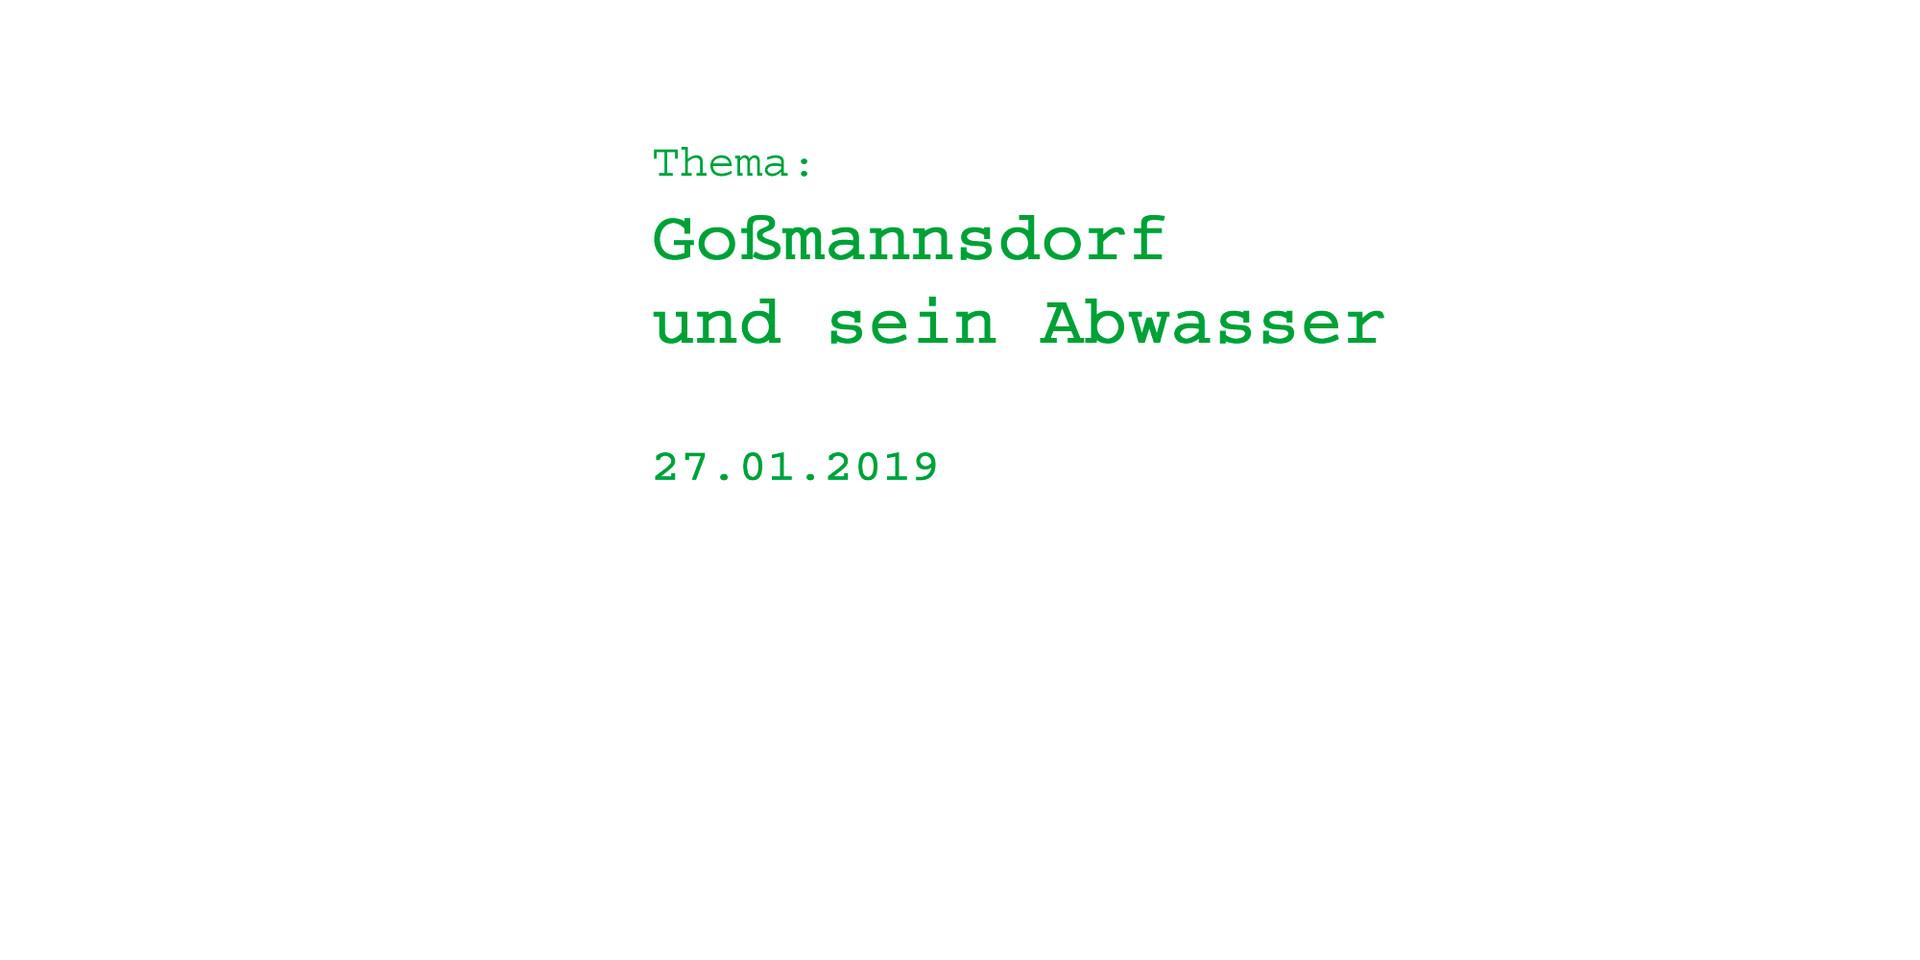 Abwasser in Goßmannsdorf